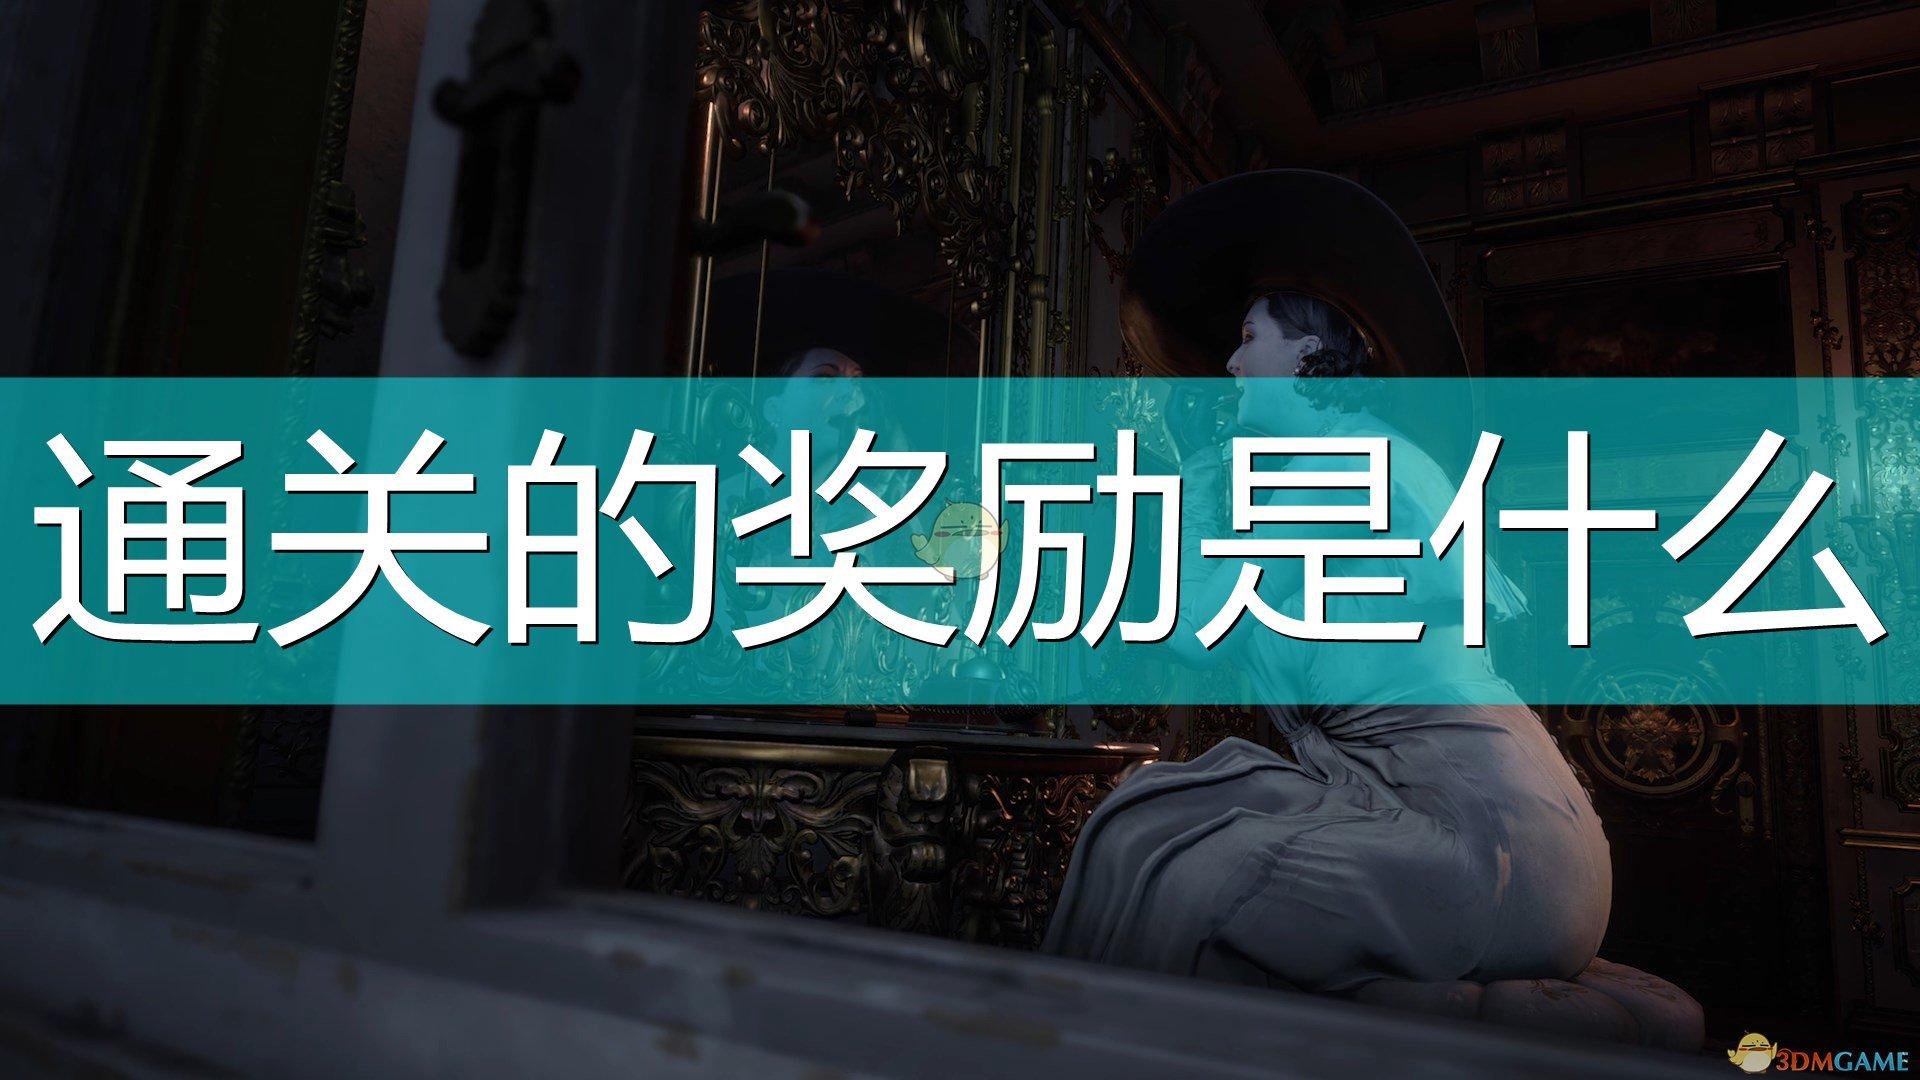 《生化危机8:村庄》通关奖励介绍